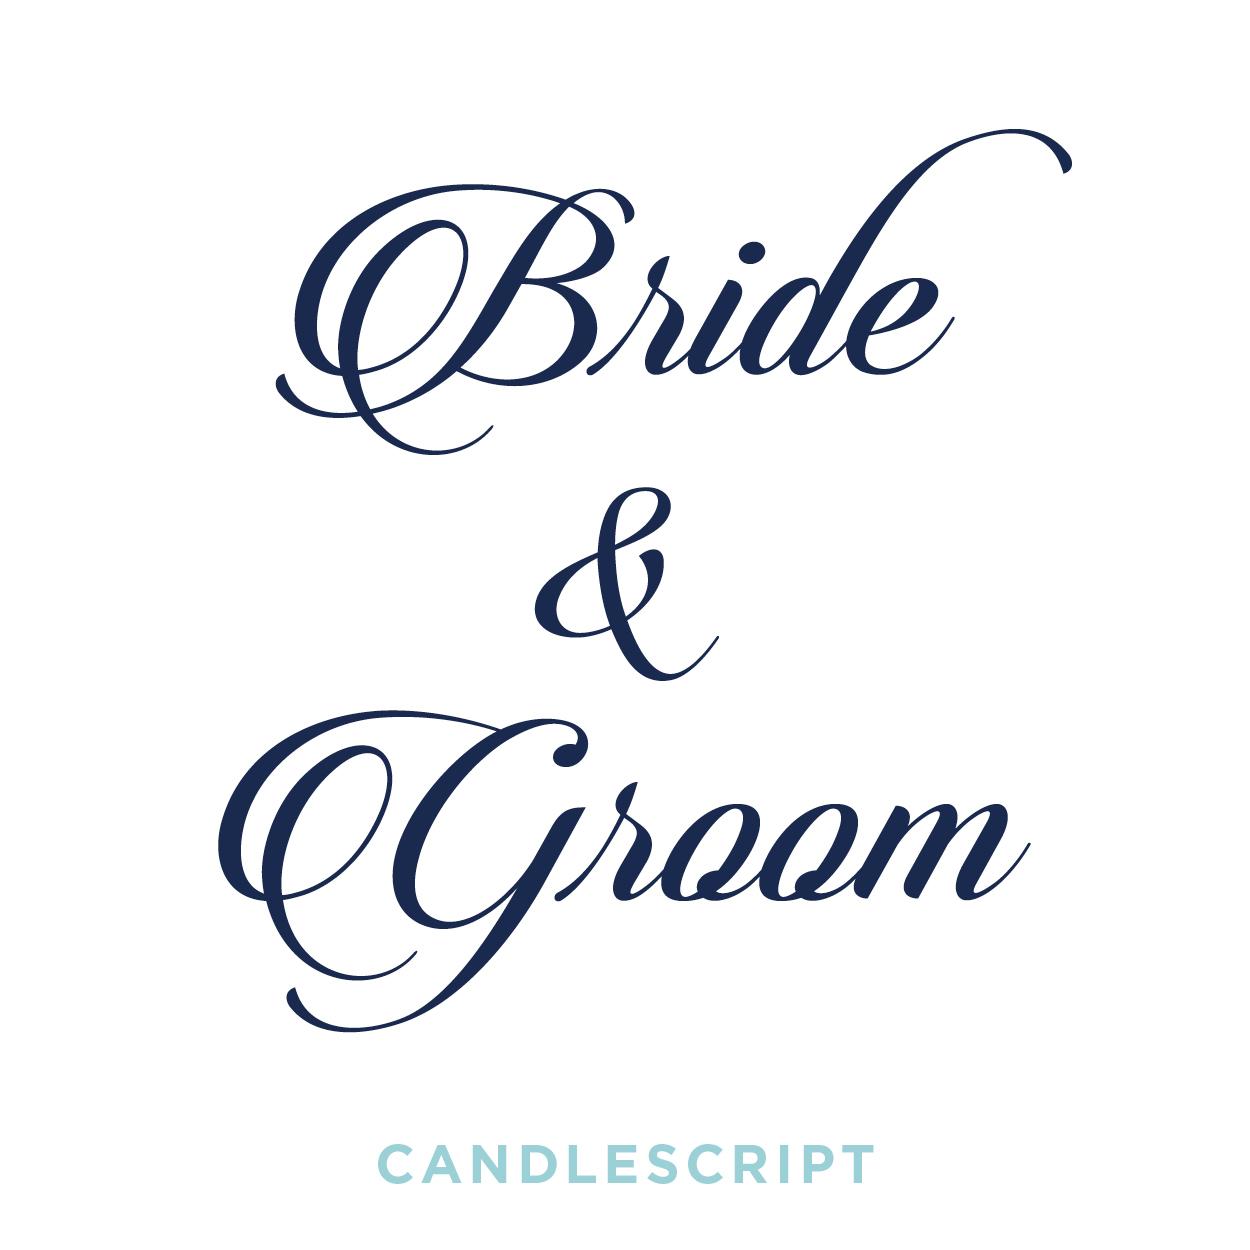 Candlescript.jpg